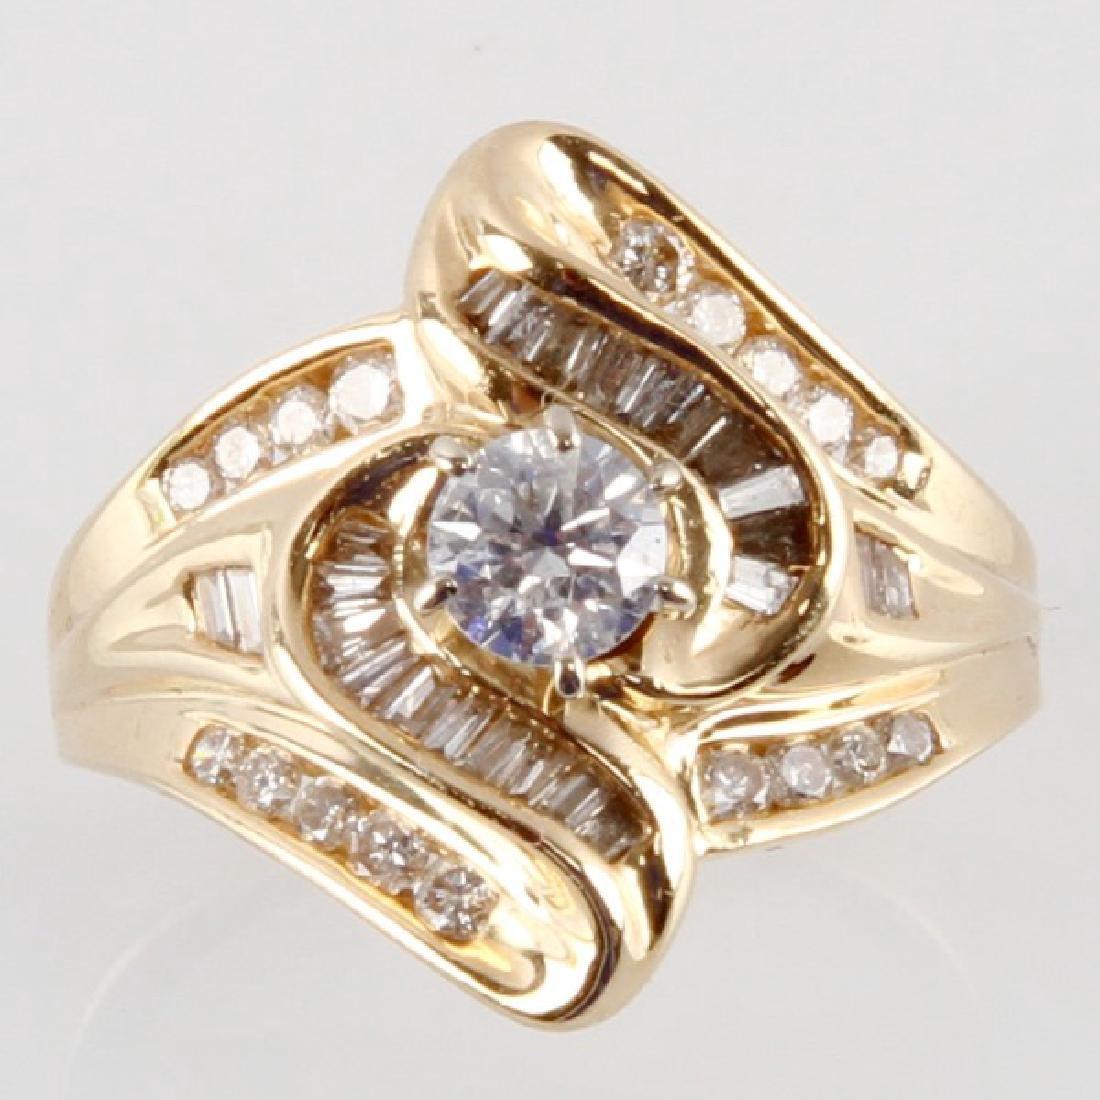 ADIES 14K YELLOW GOLD AND DIAMOND RING - 2